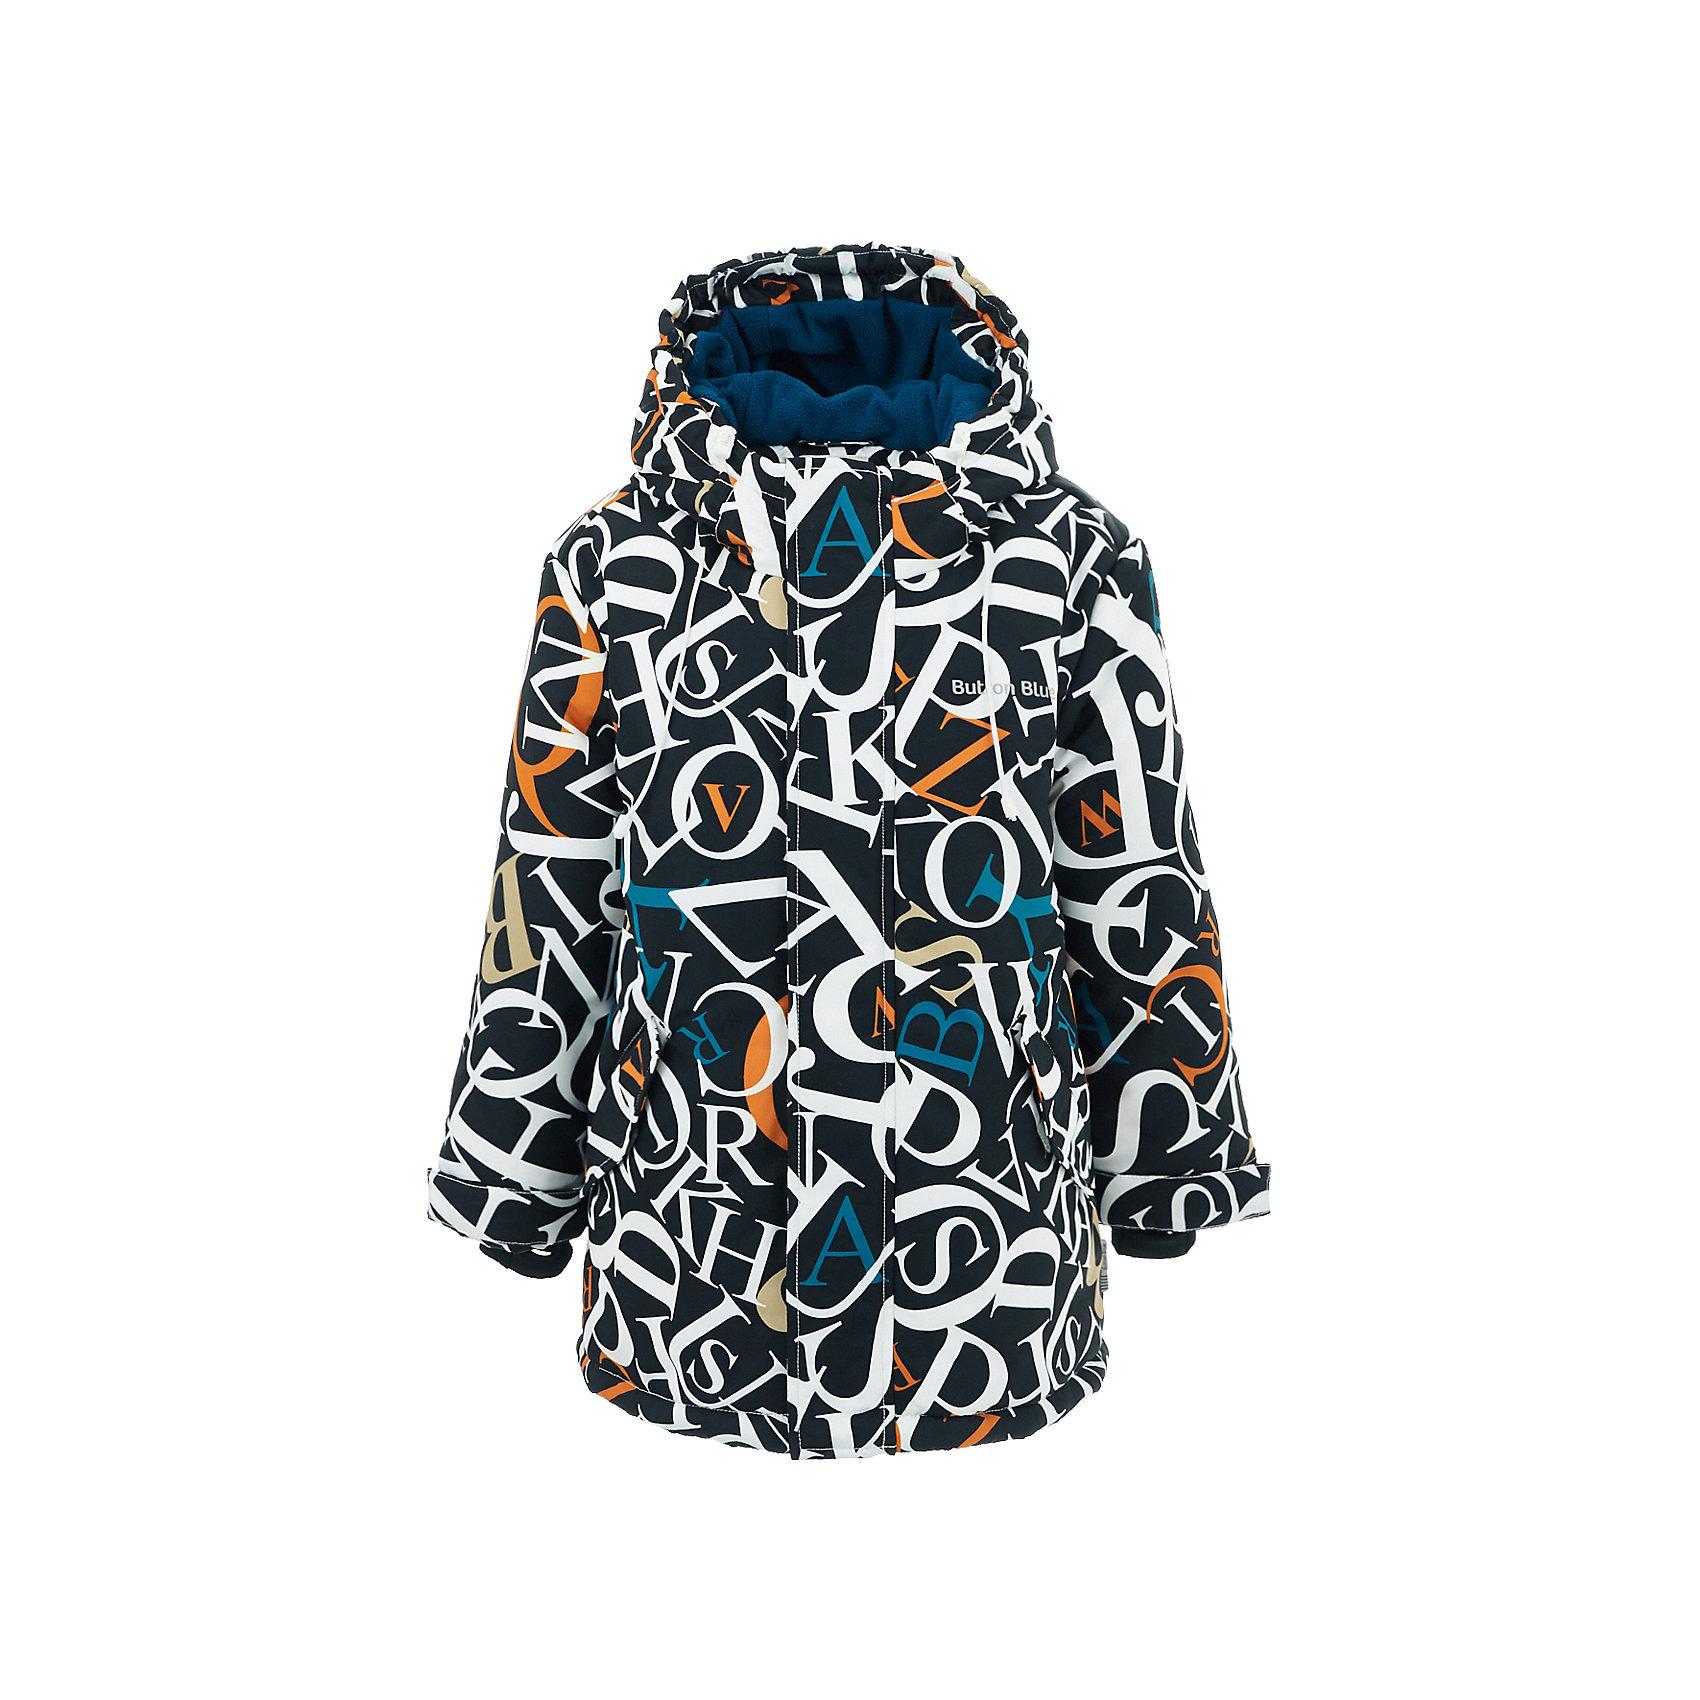 Куртка BUTTON BLUE для мальчикаВерхняя одежда<br>Куртка BUTTON BLUE для мальчика<br>Яркая куртка из мембранной плащевки понравится всем любителям активных прогулок! Куртка сделана с соблюдением основных технологических особенностей производства спортивной одежды. Она не промокает, сохраняет тепло, трикотажная подкладка из мягкого флиса создает комфорт при длительной носке, утяжки защищают от продувания, светоотражающие элементы обеспечивают безопасность ребенка. Водоотталкивающая ткань с оригинальным рисунком делает куртку запоминающейся. Если вы хотите купить детскую куртку в спортивном стиле, куртка от Button Blue - прекрасный вариант! Она обеспечит тепло, уют и свободу движений во время активного отдыха в холодные дни.<br>Состав:<br>тк. верха:                        100%полиэстер,                           подкл.:               100%полиэстер, утепл.:         100%полиэстер<br><br>Ширина мм: 356<br>Глубина мм: 10<br>Высота мм: 245<br>Вес г: 519<br>Цвет: черный<br>Возраст от месяцев: 144<br>Возраст до месяцев: 156<br>Пол: Мужской<br>Возраст: Детский<br>Размер: 158,98,104,110,116,122,128,134,140,146,152<br>SKU: 7039626